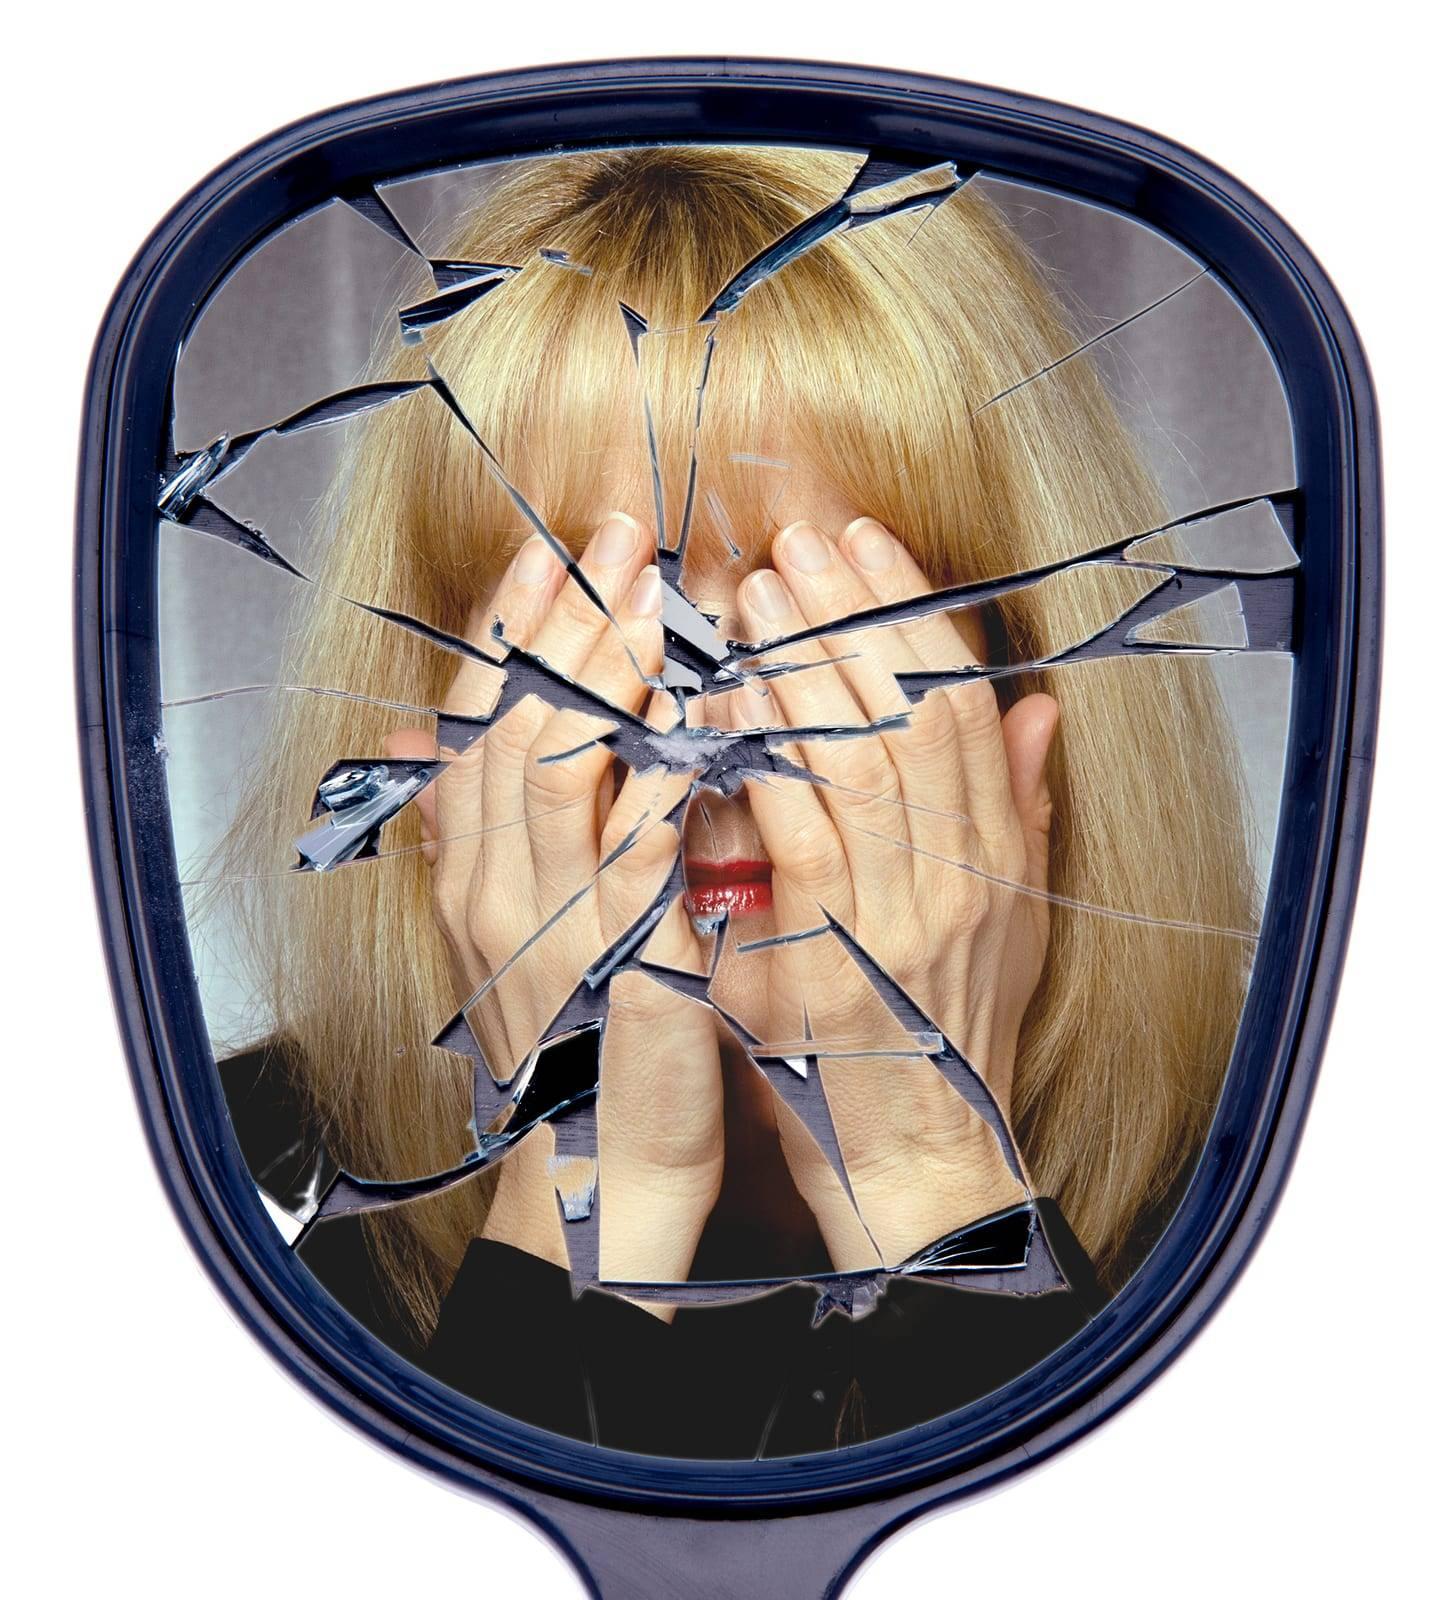 Разбить зеркало случайно дома или на работе, что делать, примета